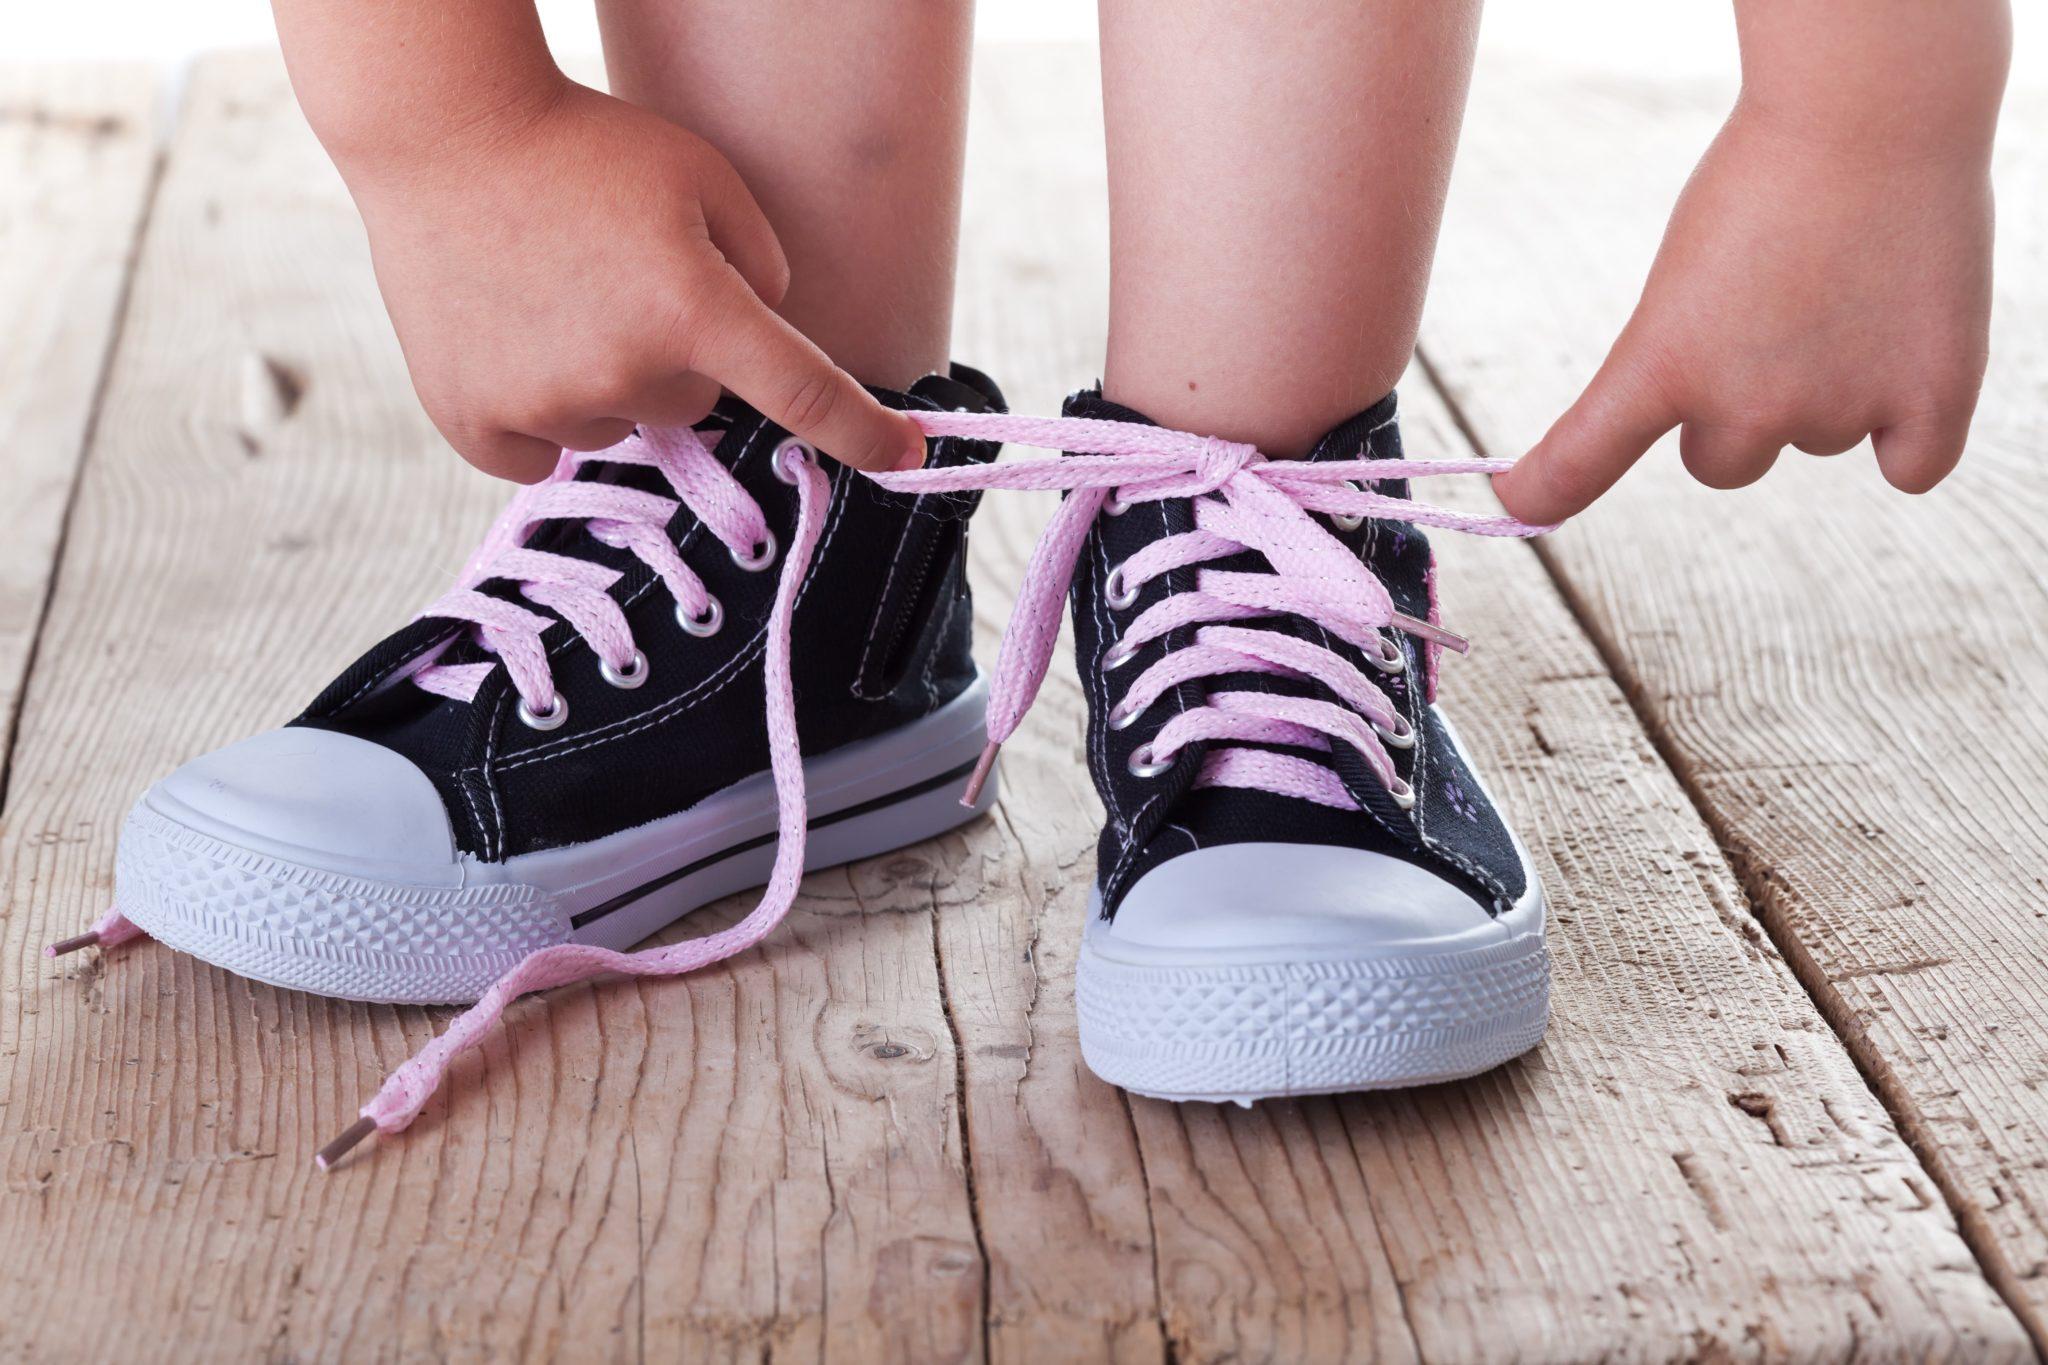 Shoe Tying Clinic III - AboutPlay